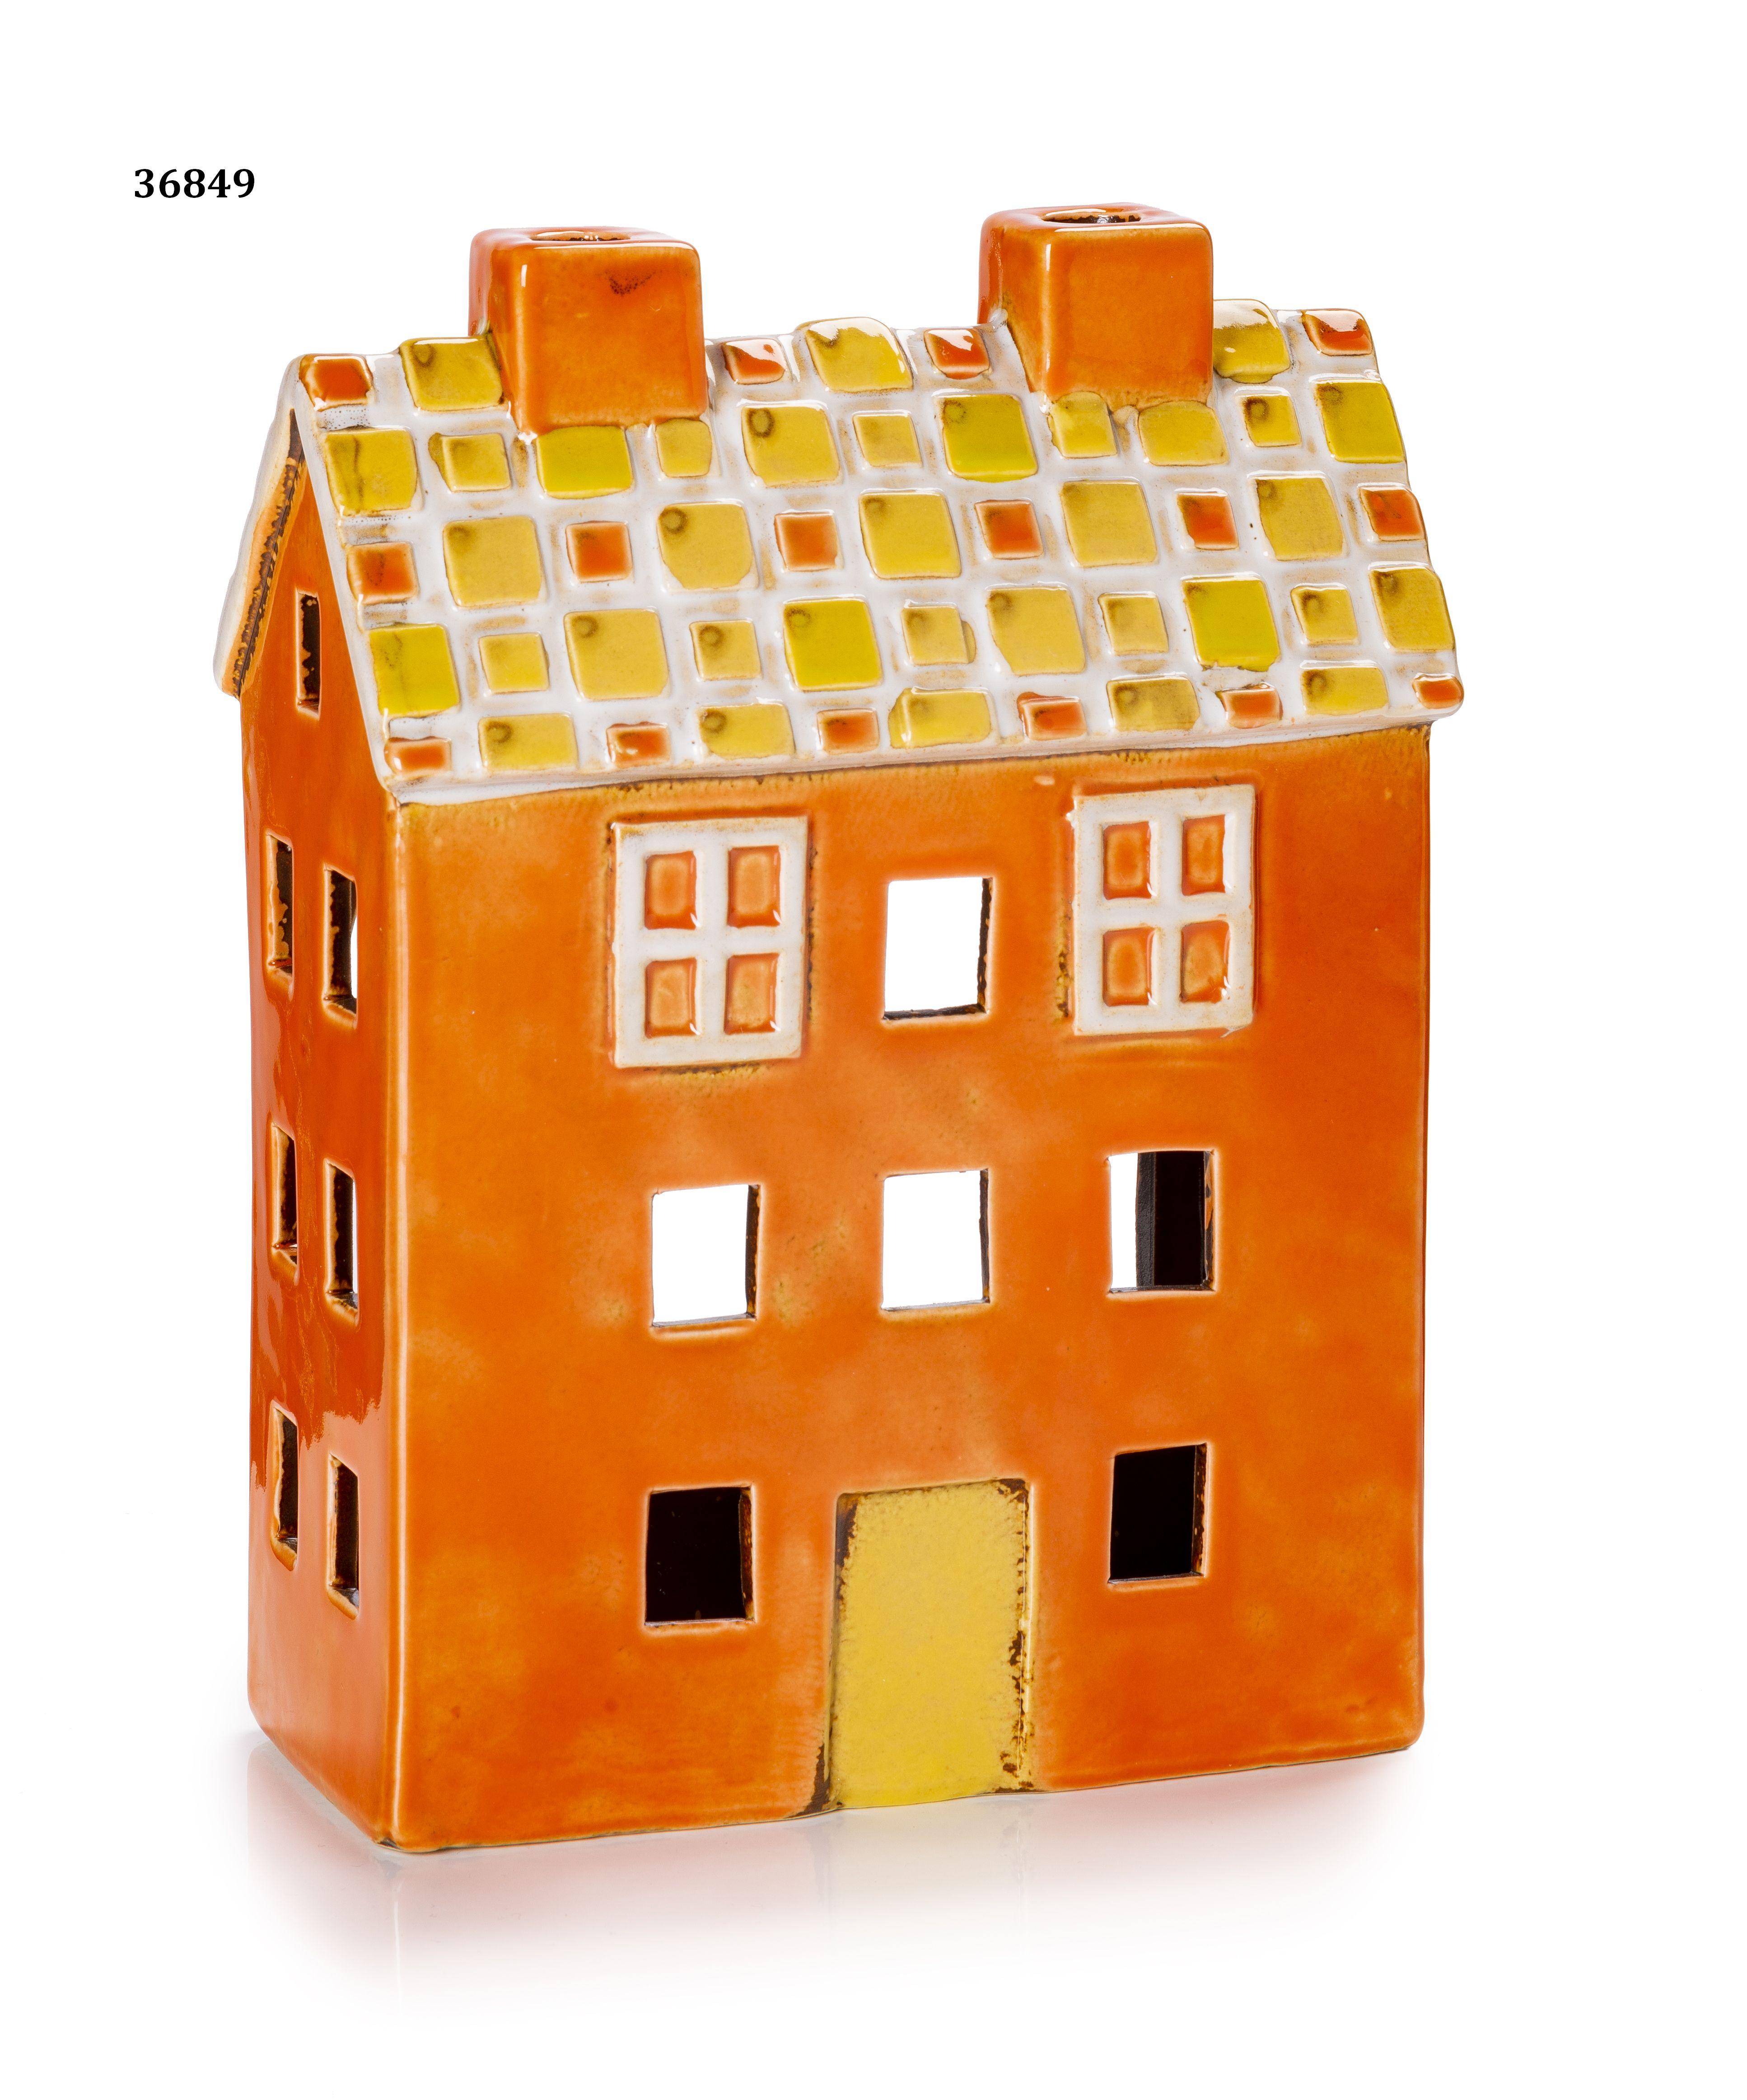 Casetta Porta Zampirone Arancione Tetto Giallo